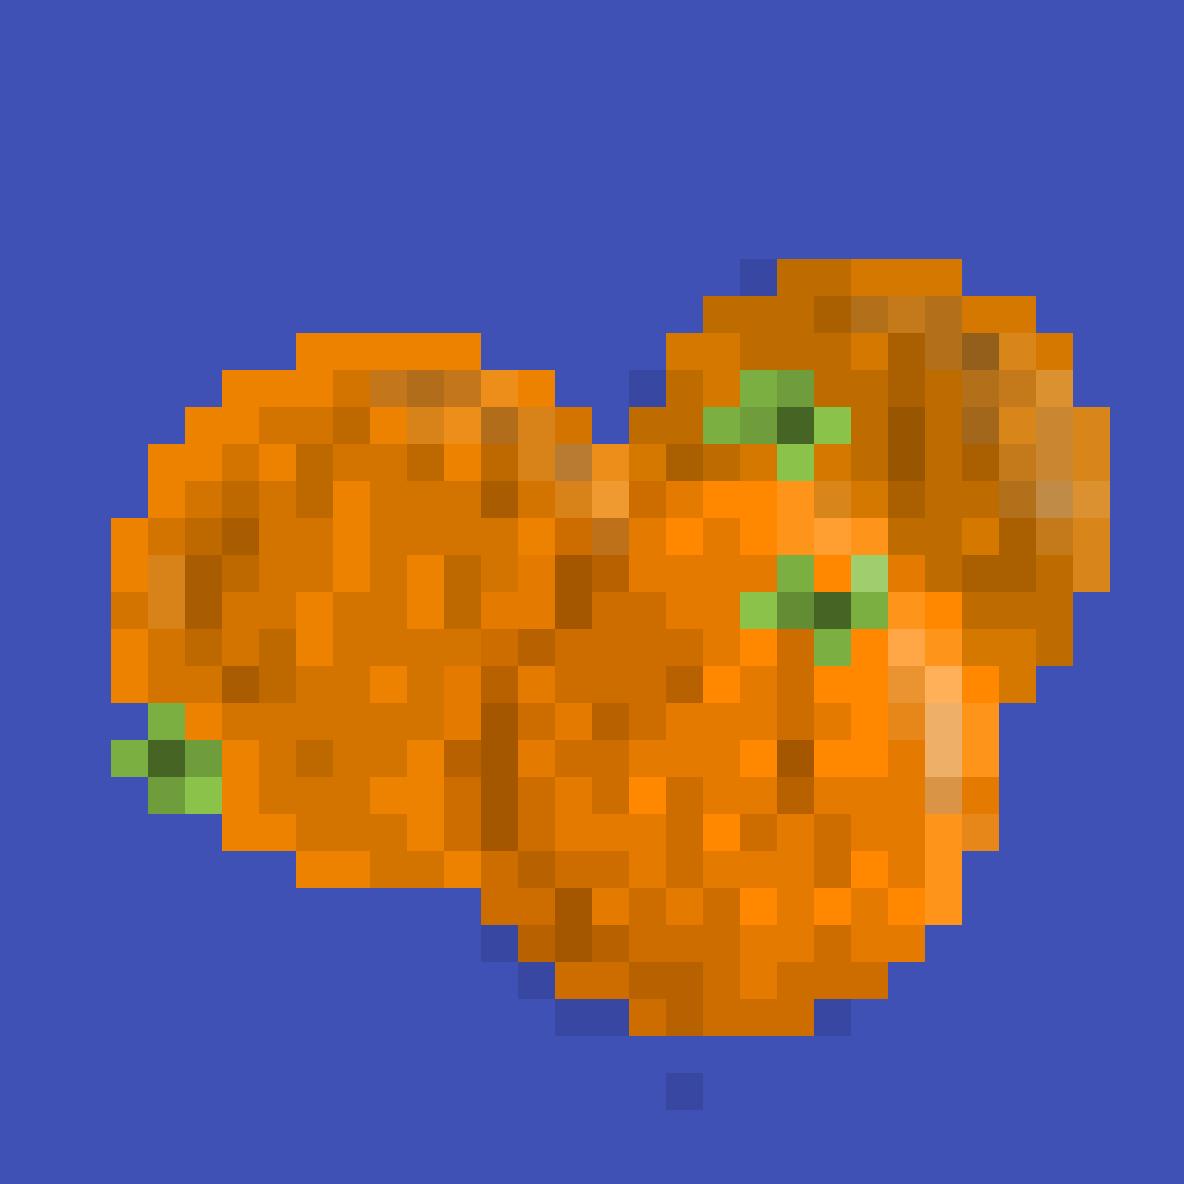 Oranges by Derpy-Croc